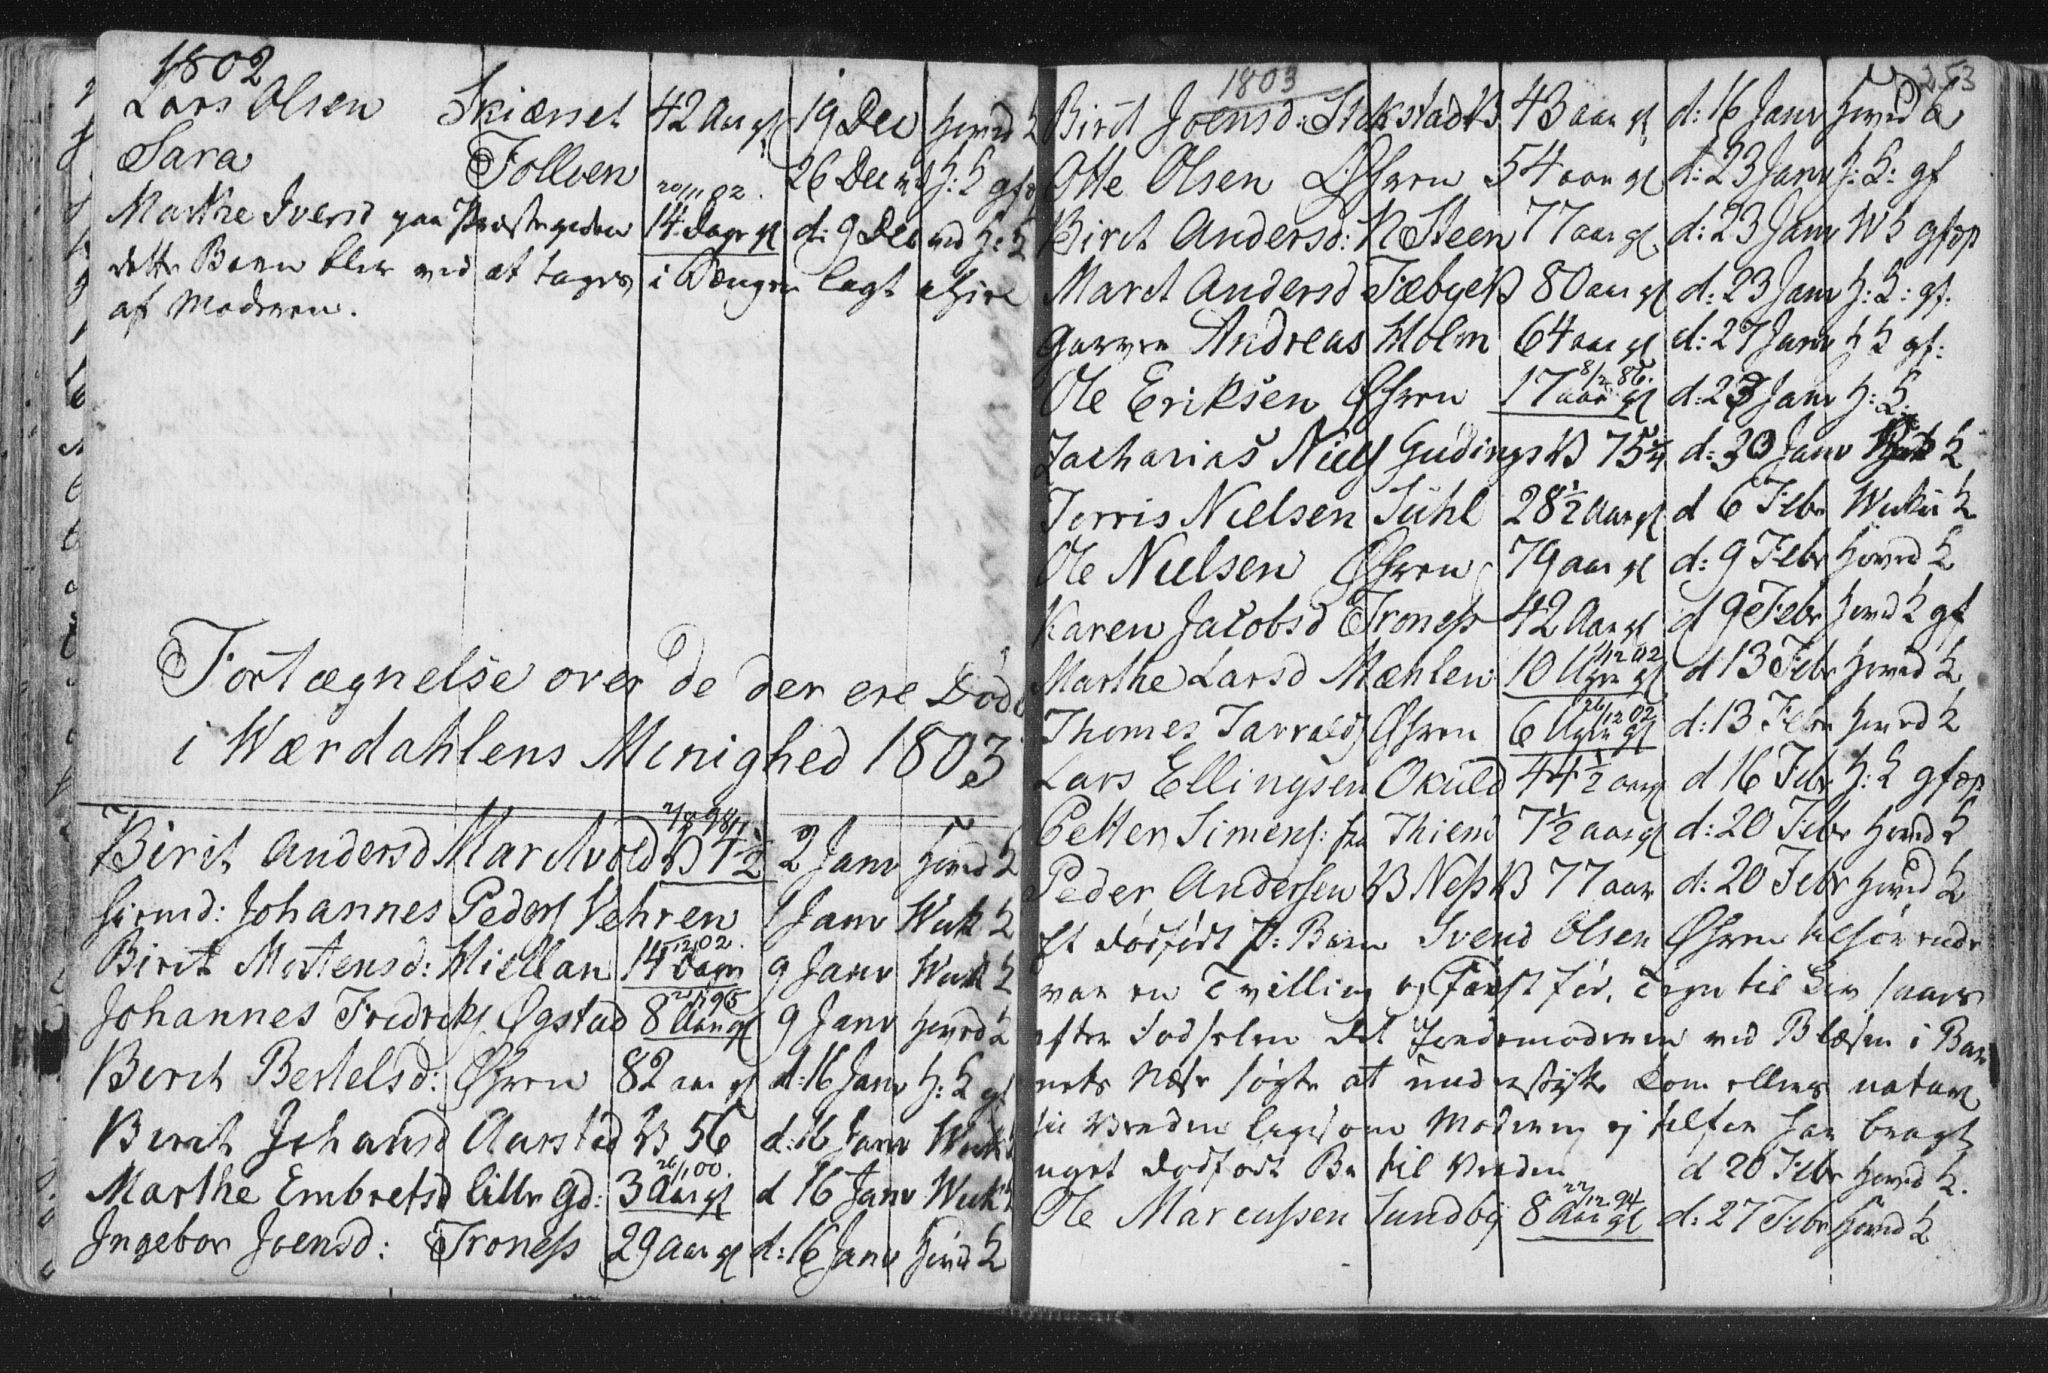 SAT, Ministerialprotokoller, klokkerbøker og fødselsregistre - Nord-Trøndelag, 723/L0232: Ministerialbok nr. 723A03, 1781-1804, s. 253